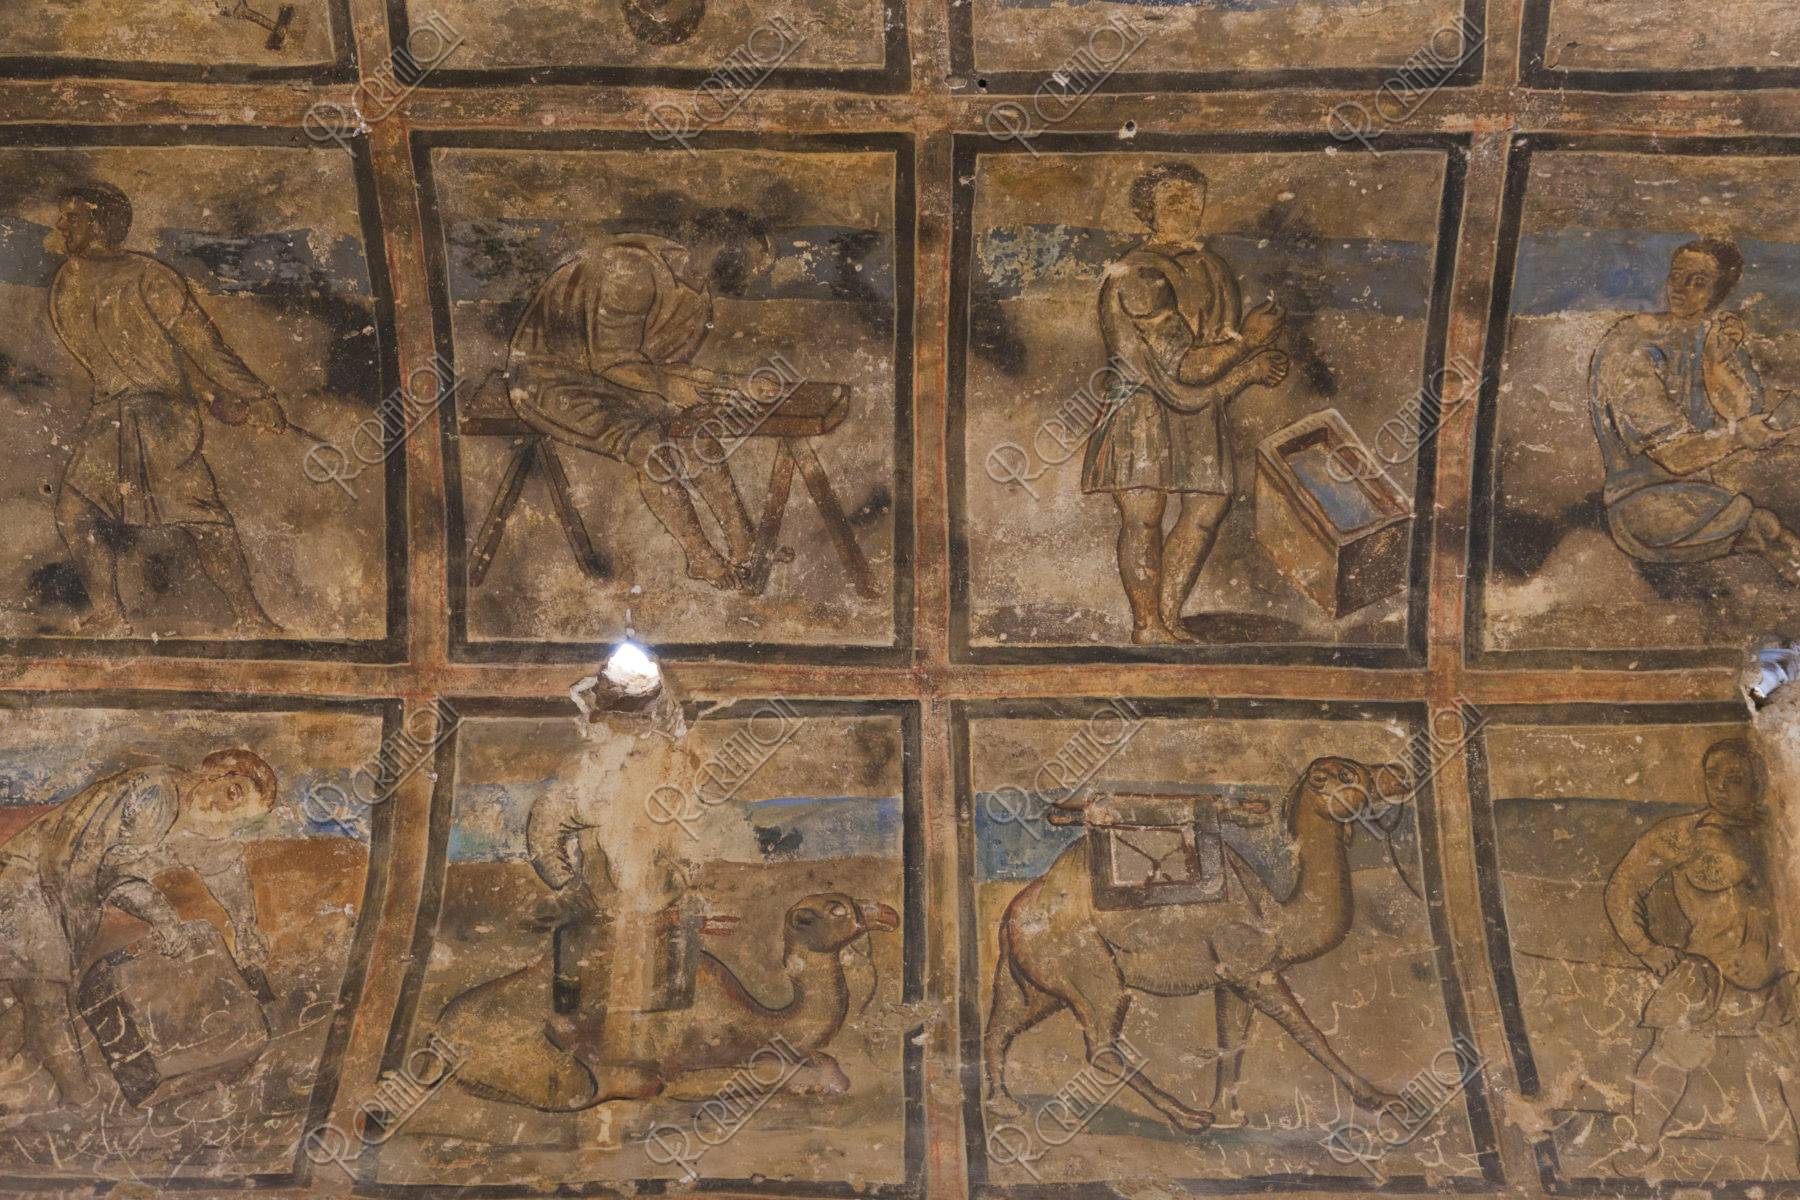 アムラ城 フレスコ画 世界遺産